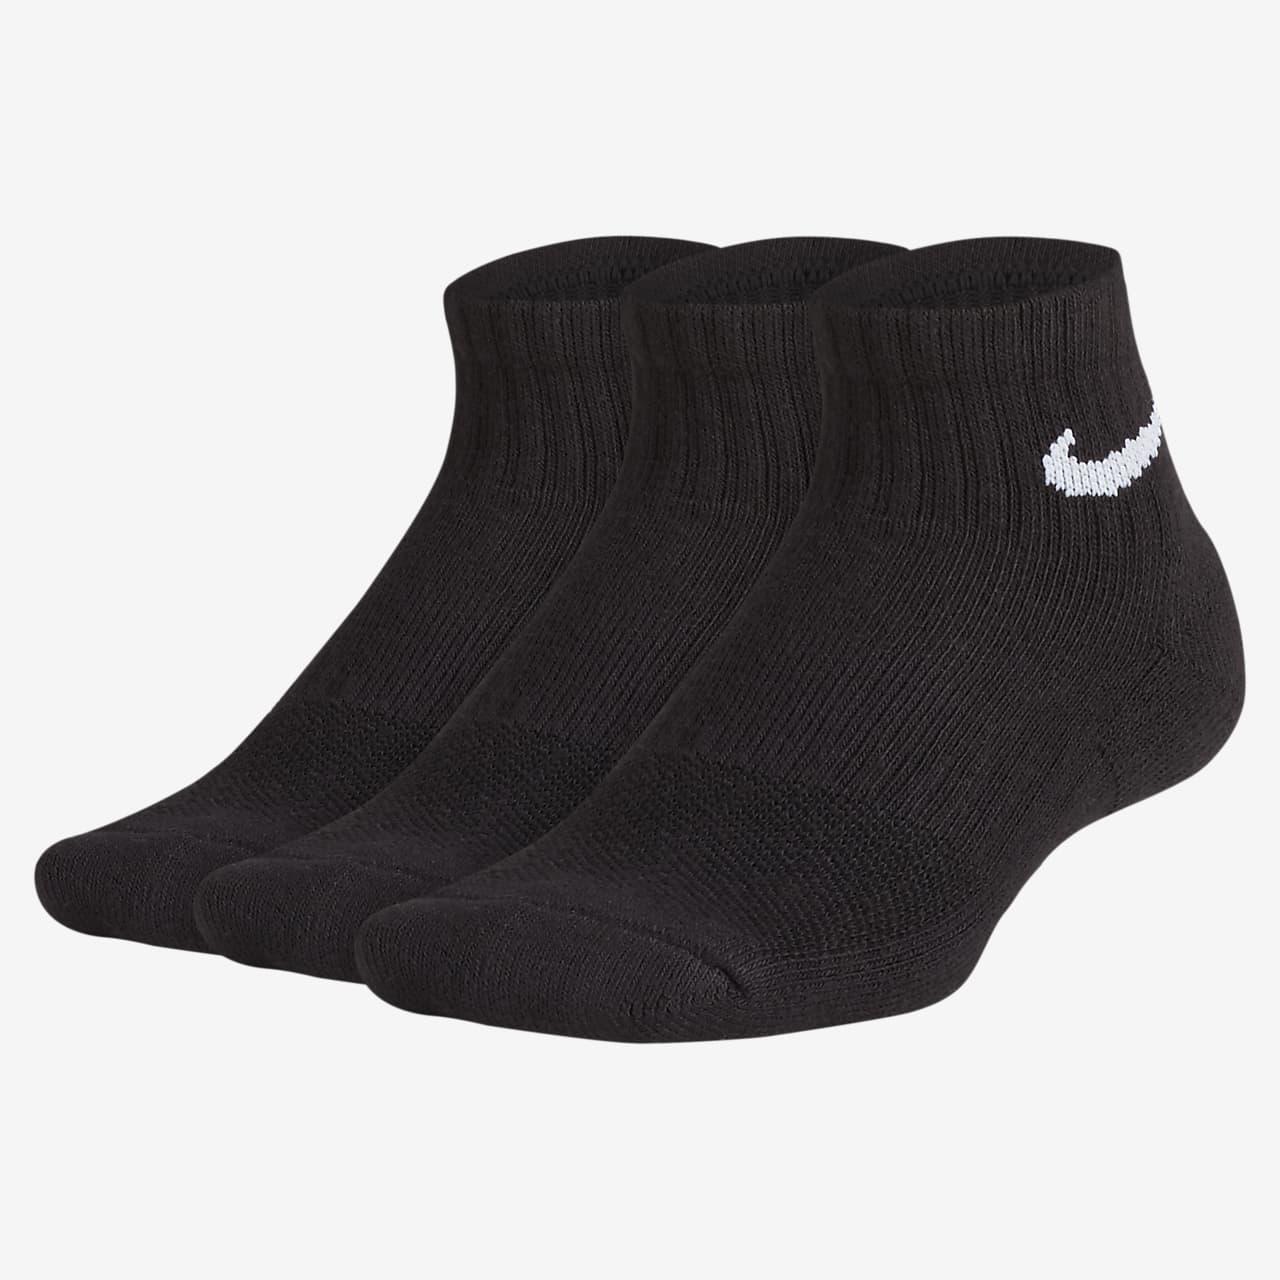 Calcetines al tobillo acolchados para niños talla grande Nike Everyday (3 pares)